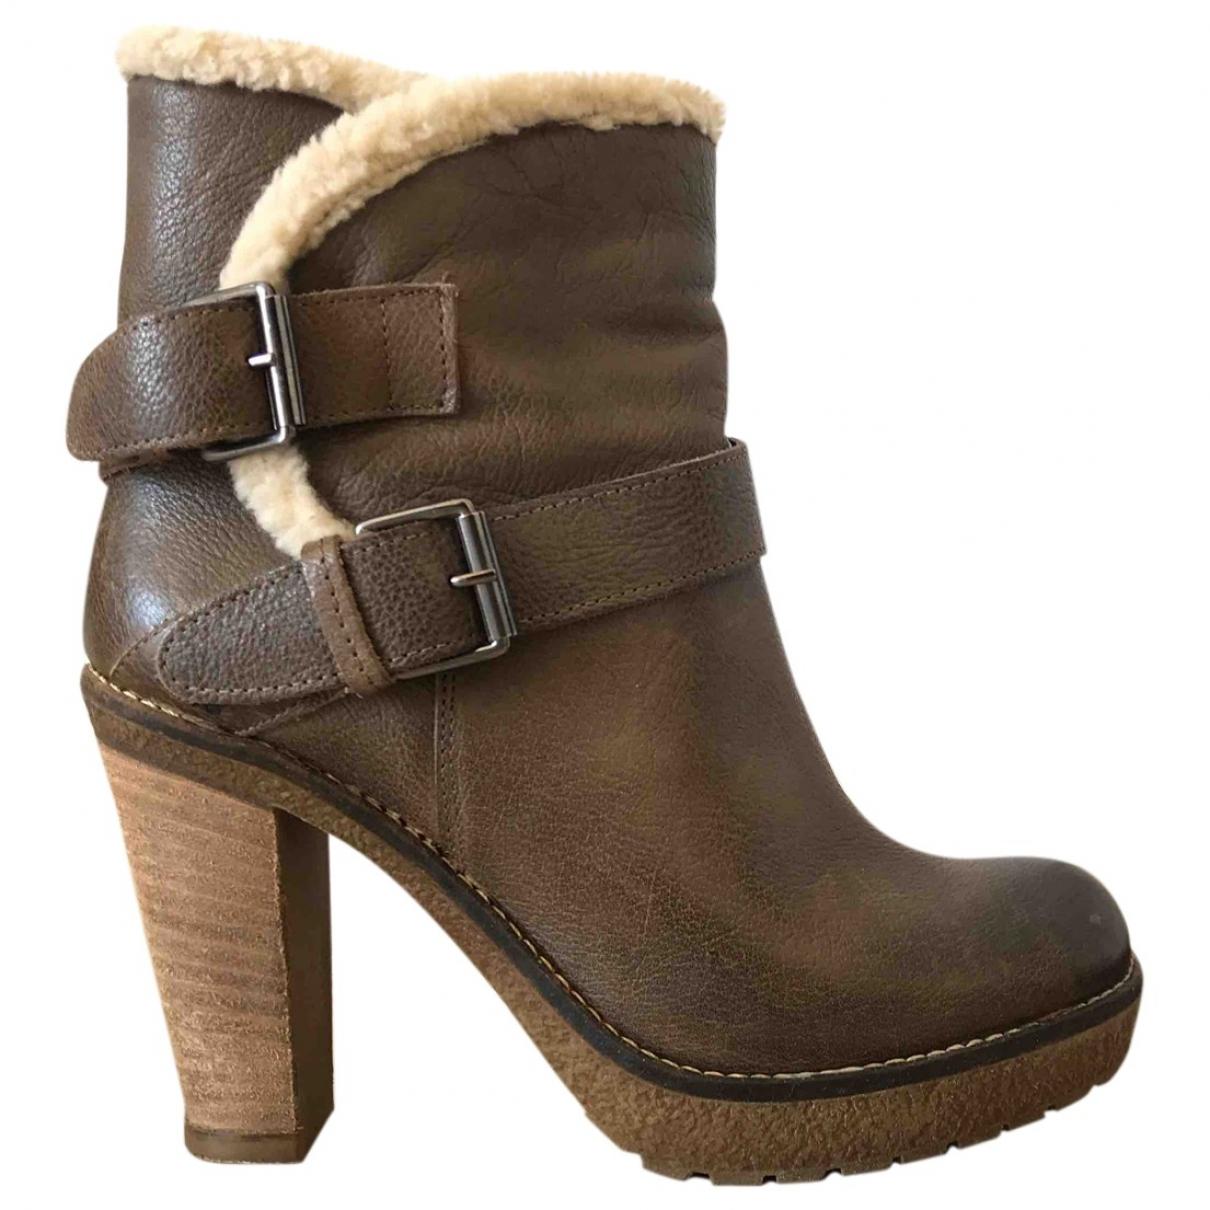 Chiarini Bologna - Boots   pour femme en cuir - marron